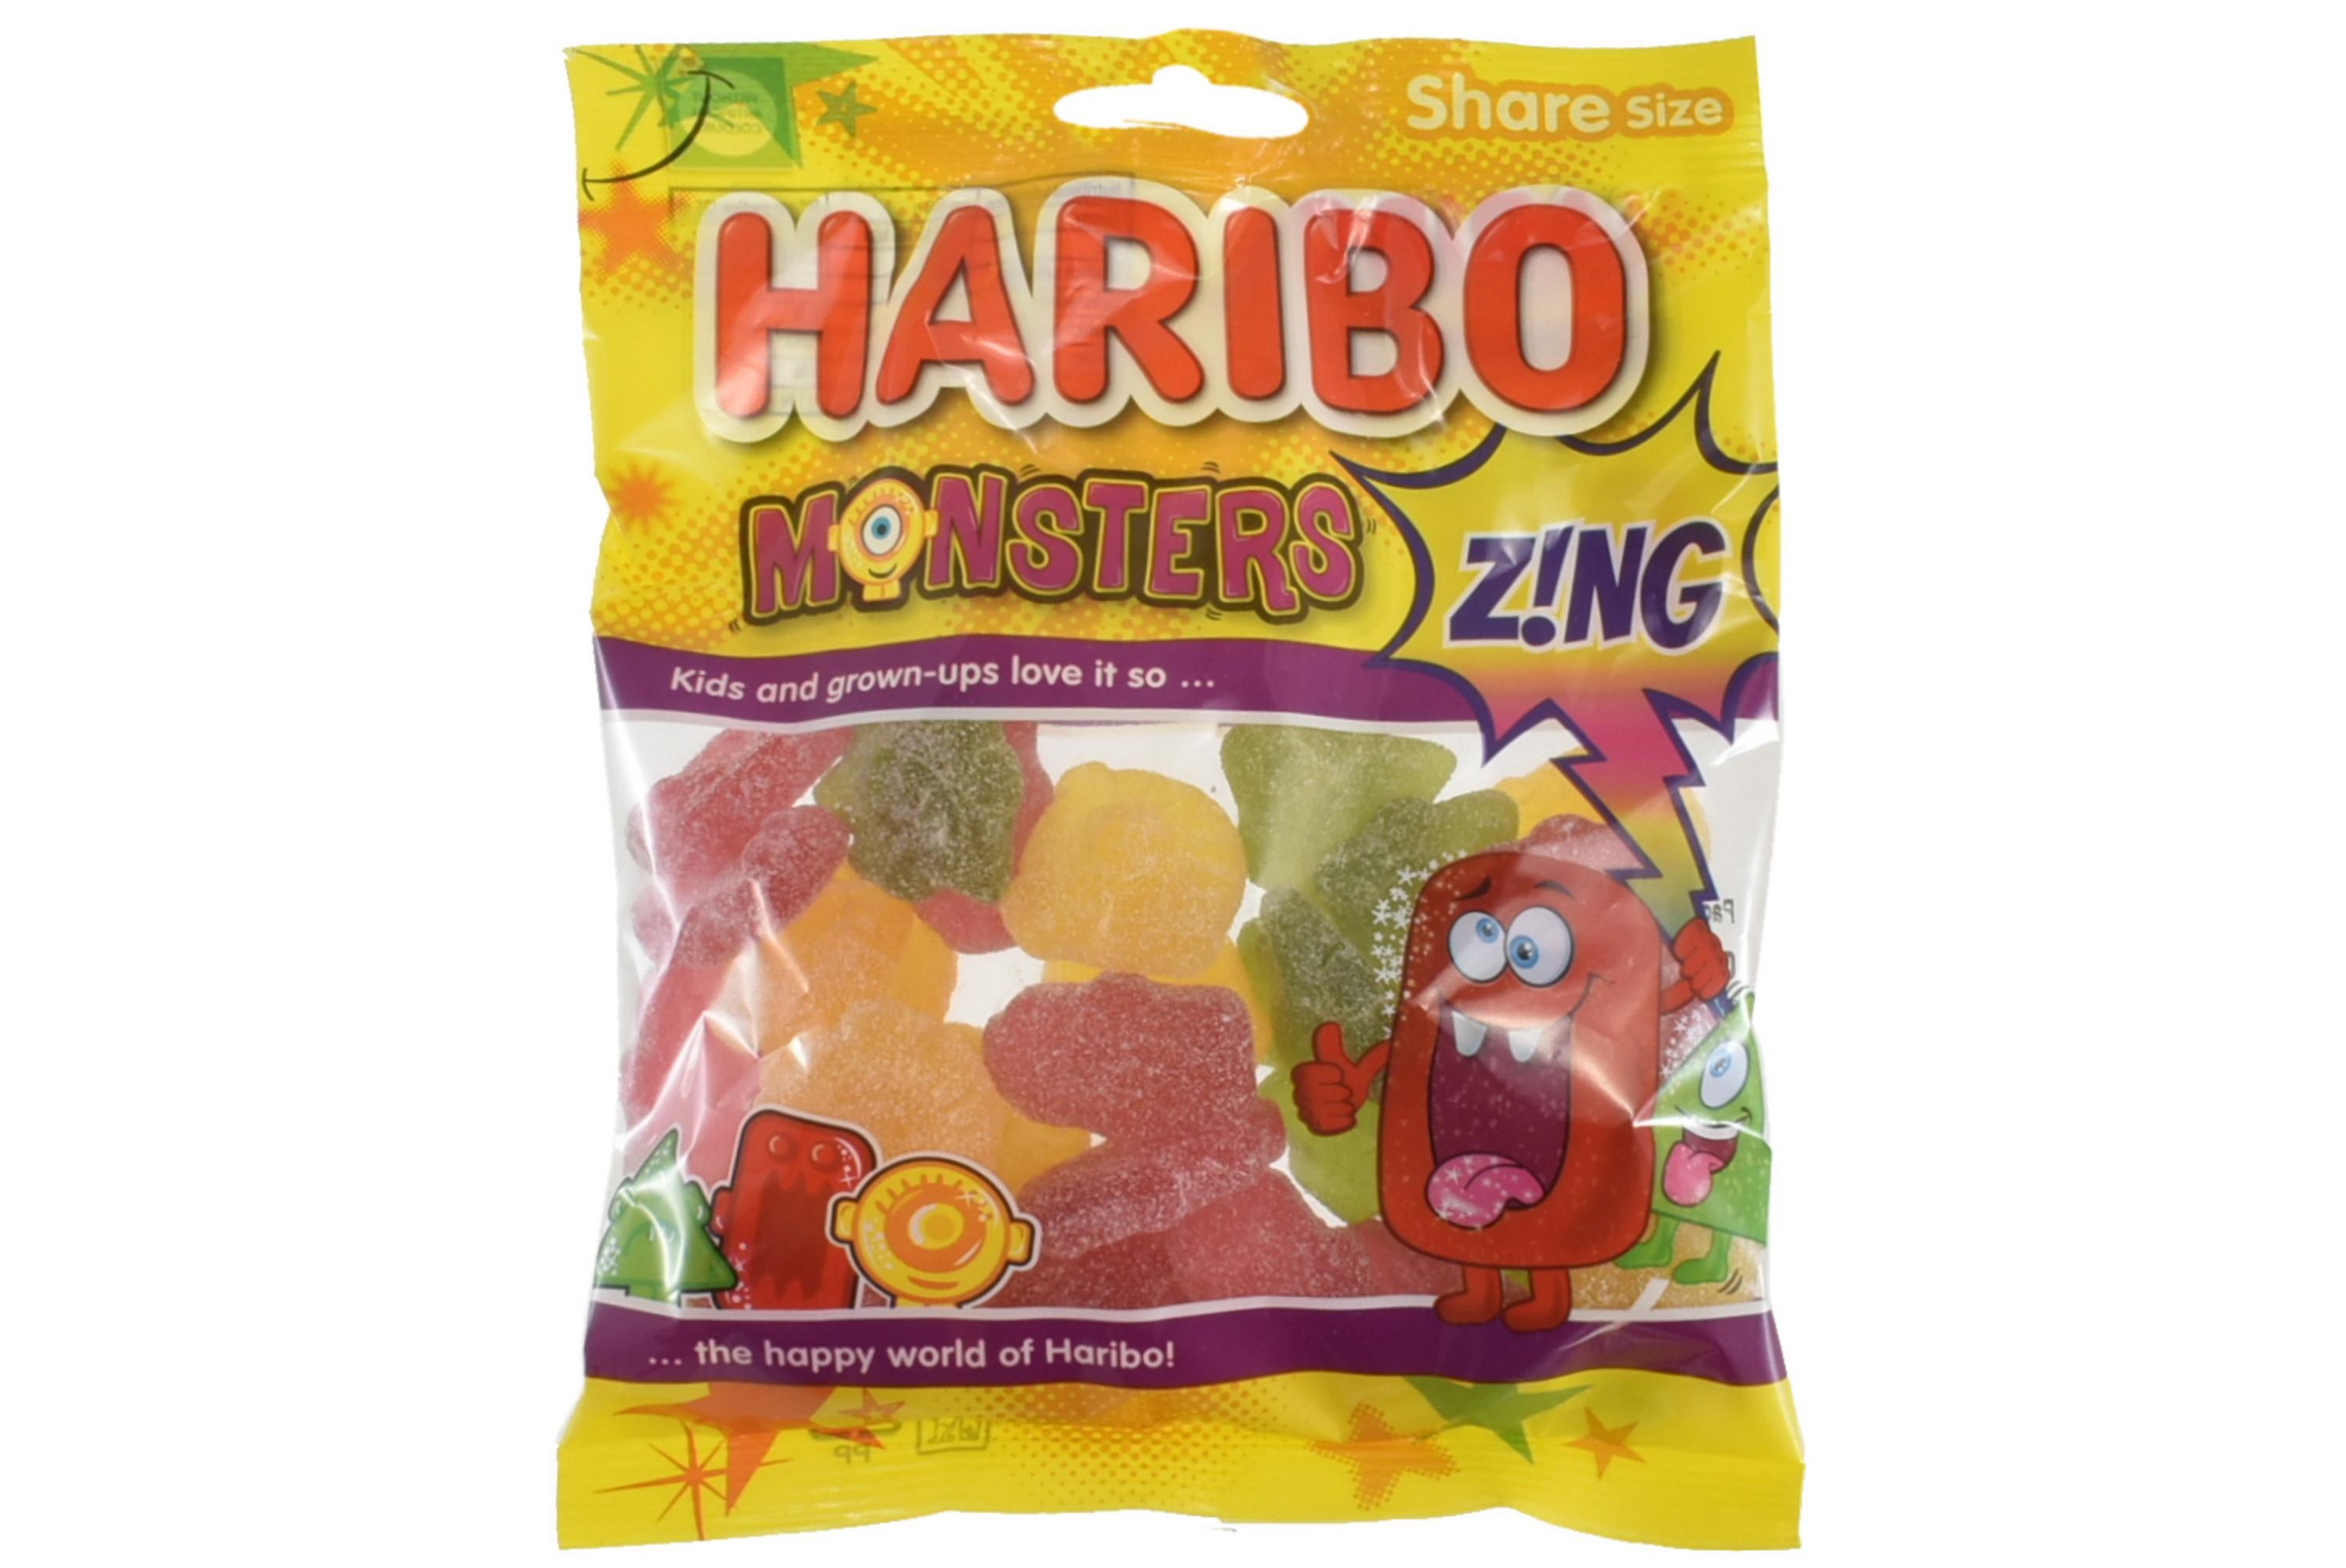 140g Monsters Zing Prepack - Haribo